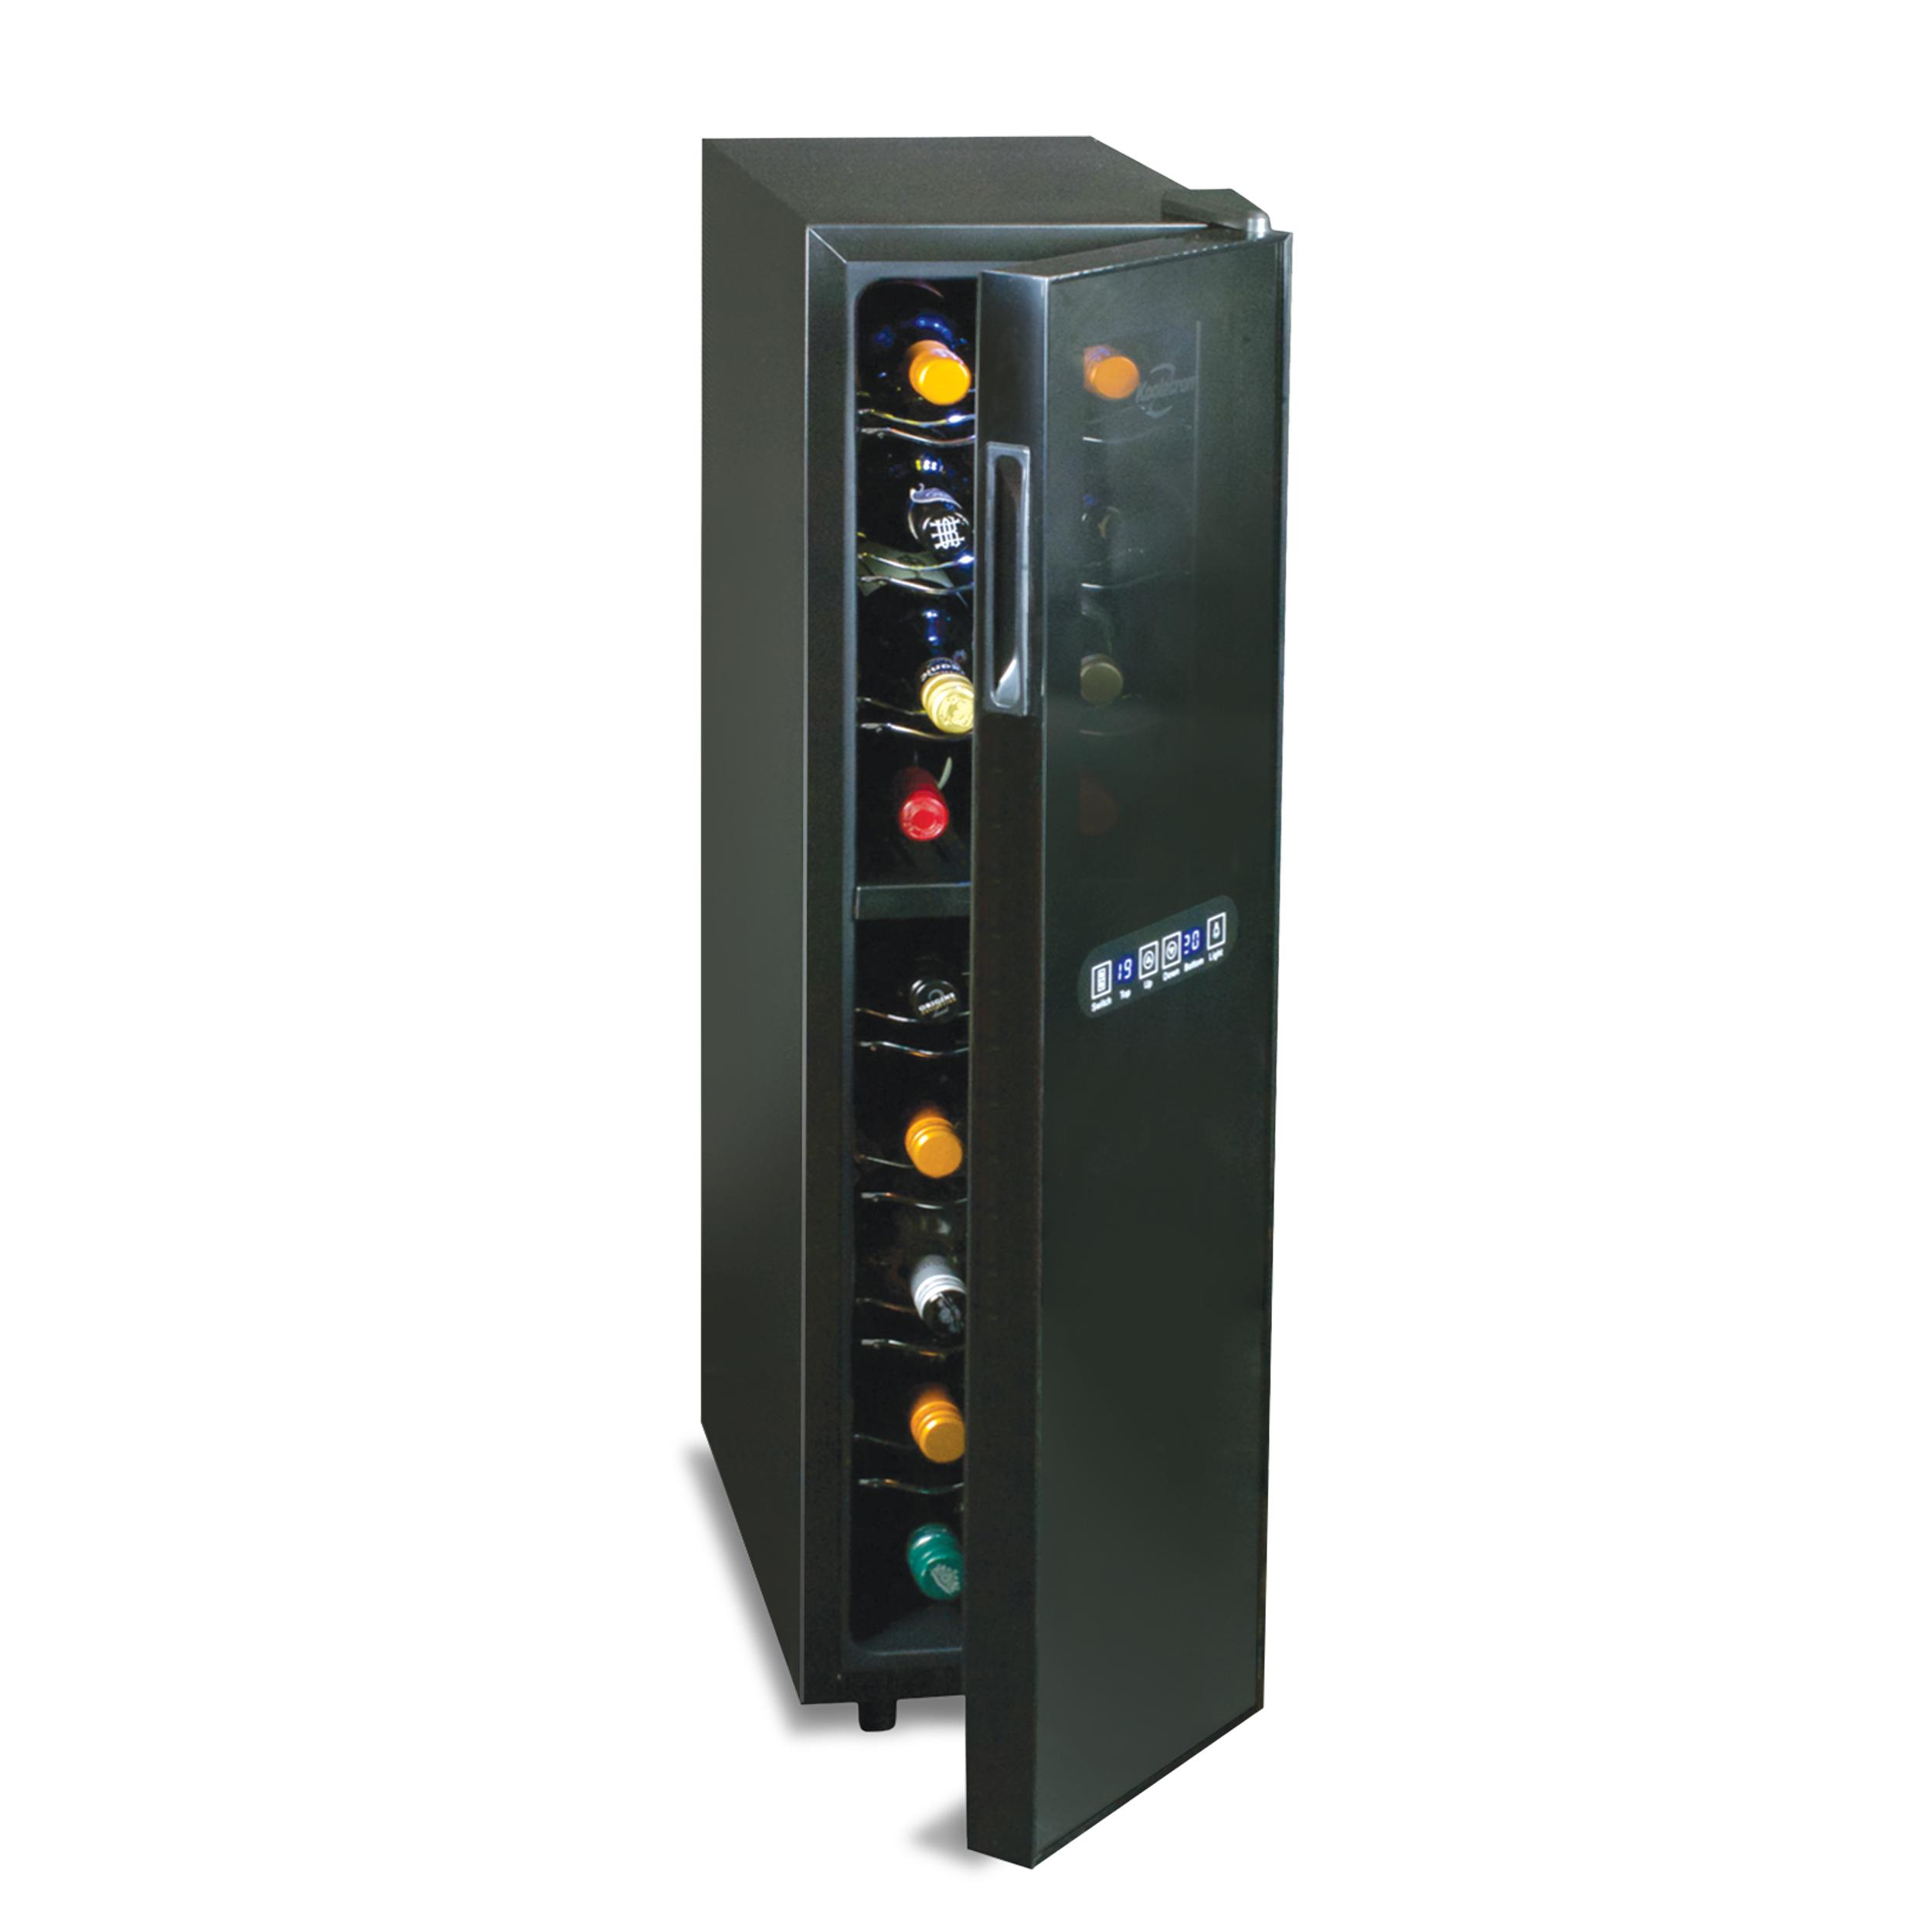 Cellier  - Deux zones de refroidissement indépendantes - Commandes numériques de température - Fonctionnement sans vibration